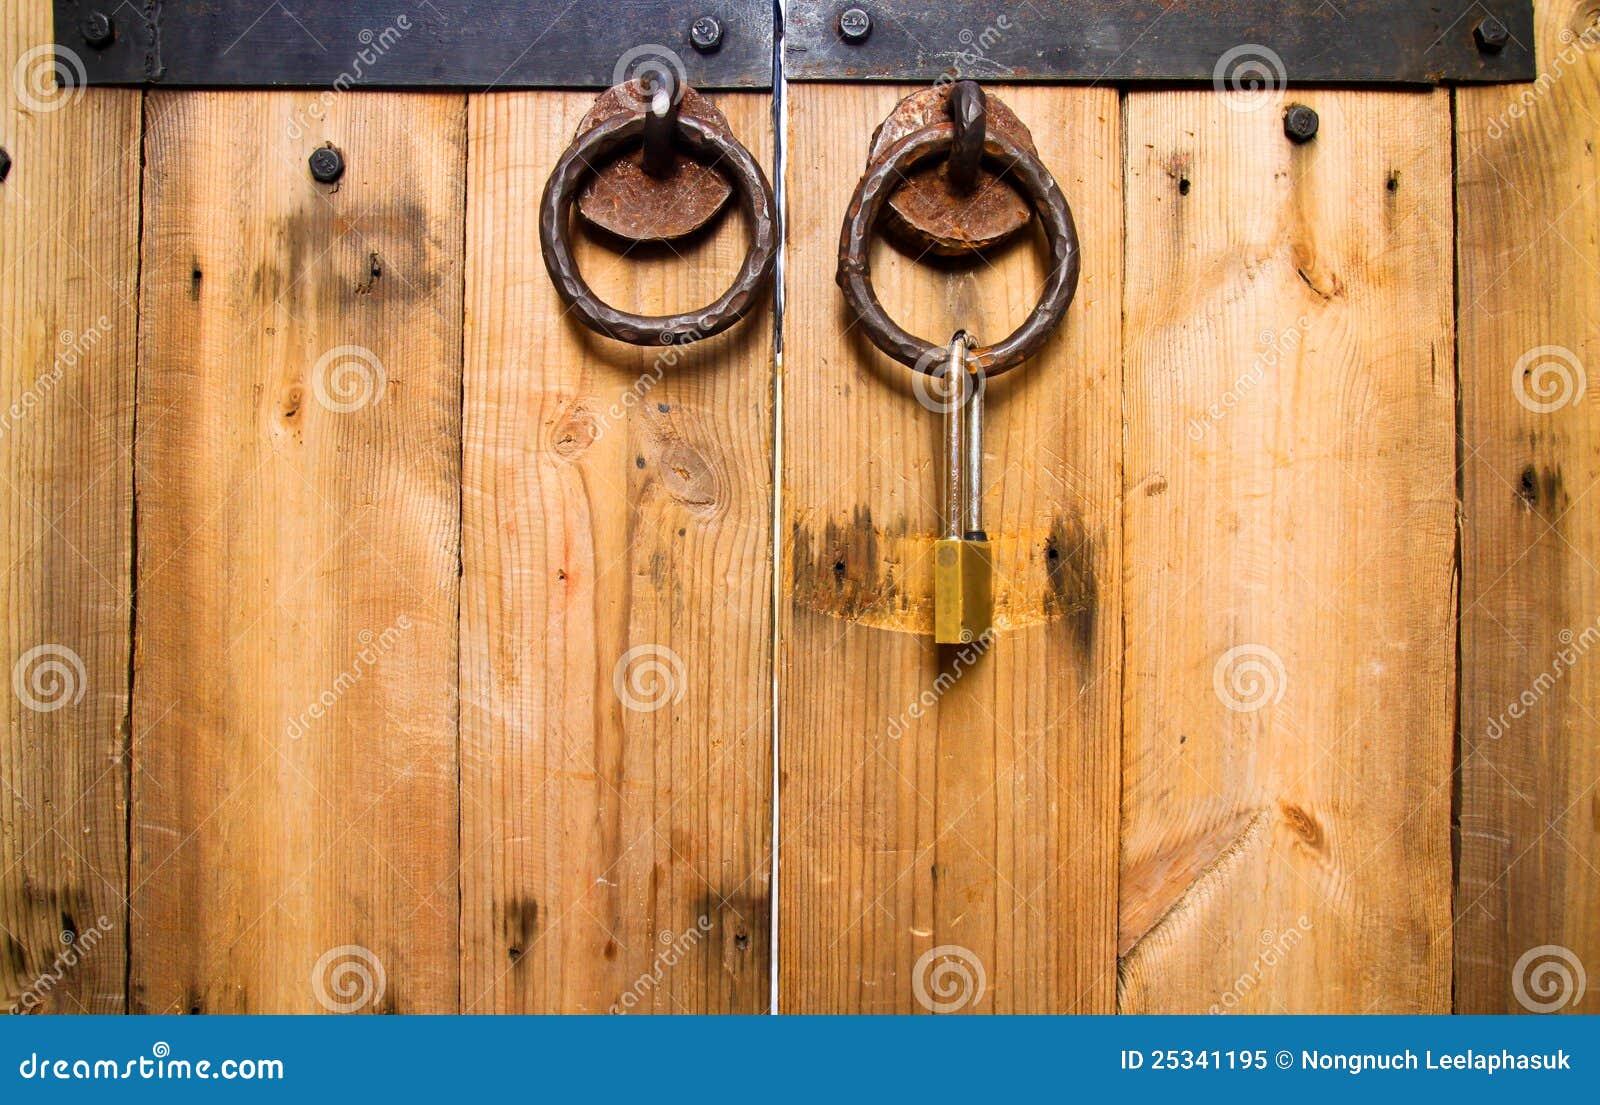 Molette de trappe en bois verrouillée